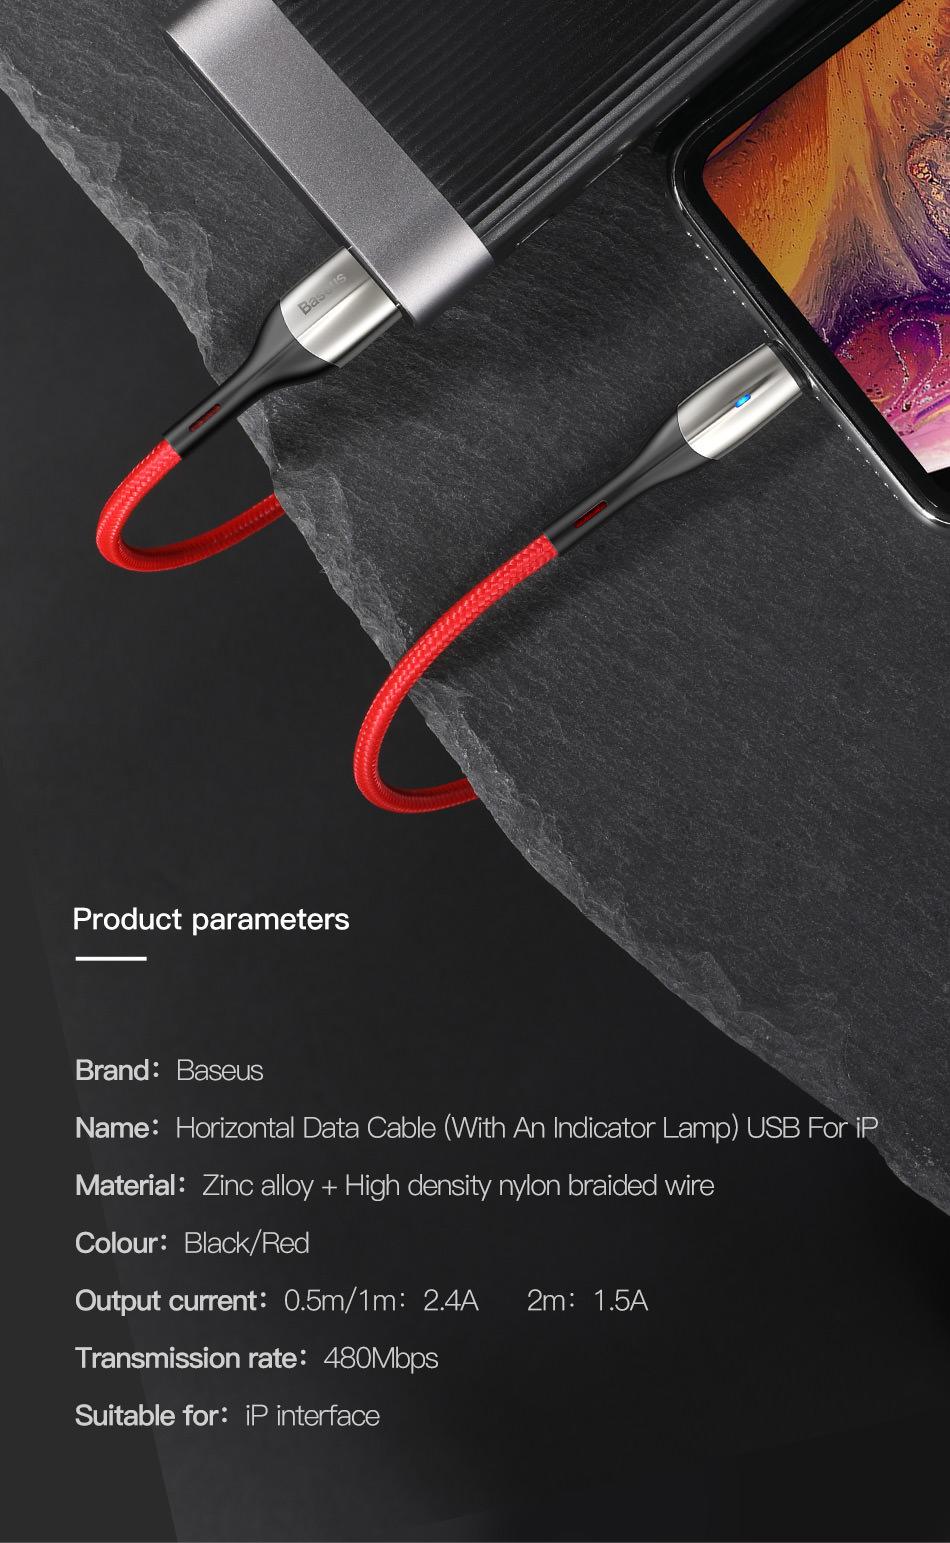 buy baseus zn-alloy design cable